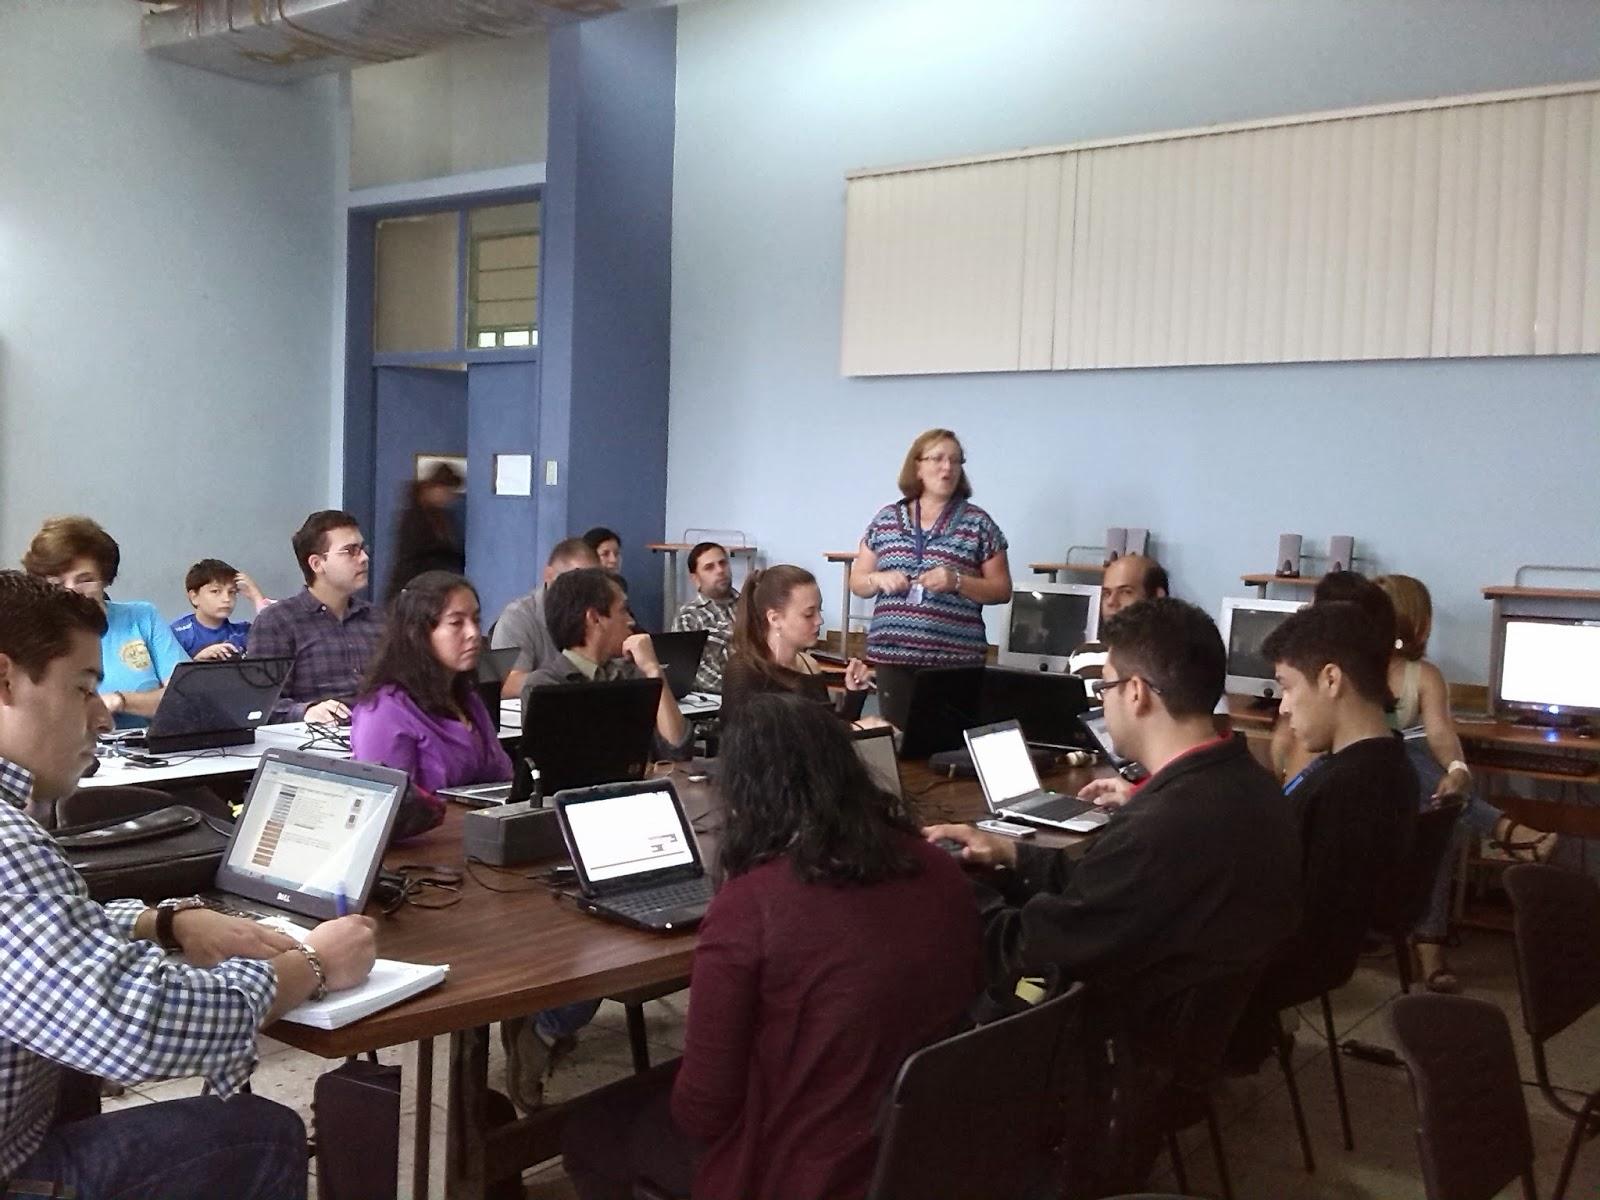 Esta actividad académica fue organizada por el departamento de Computación e Informática de la ULA Táchira, en especial por la profesora Claudia Torres y la licenciada Dalila López.